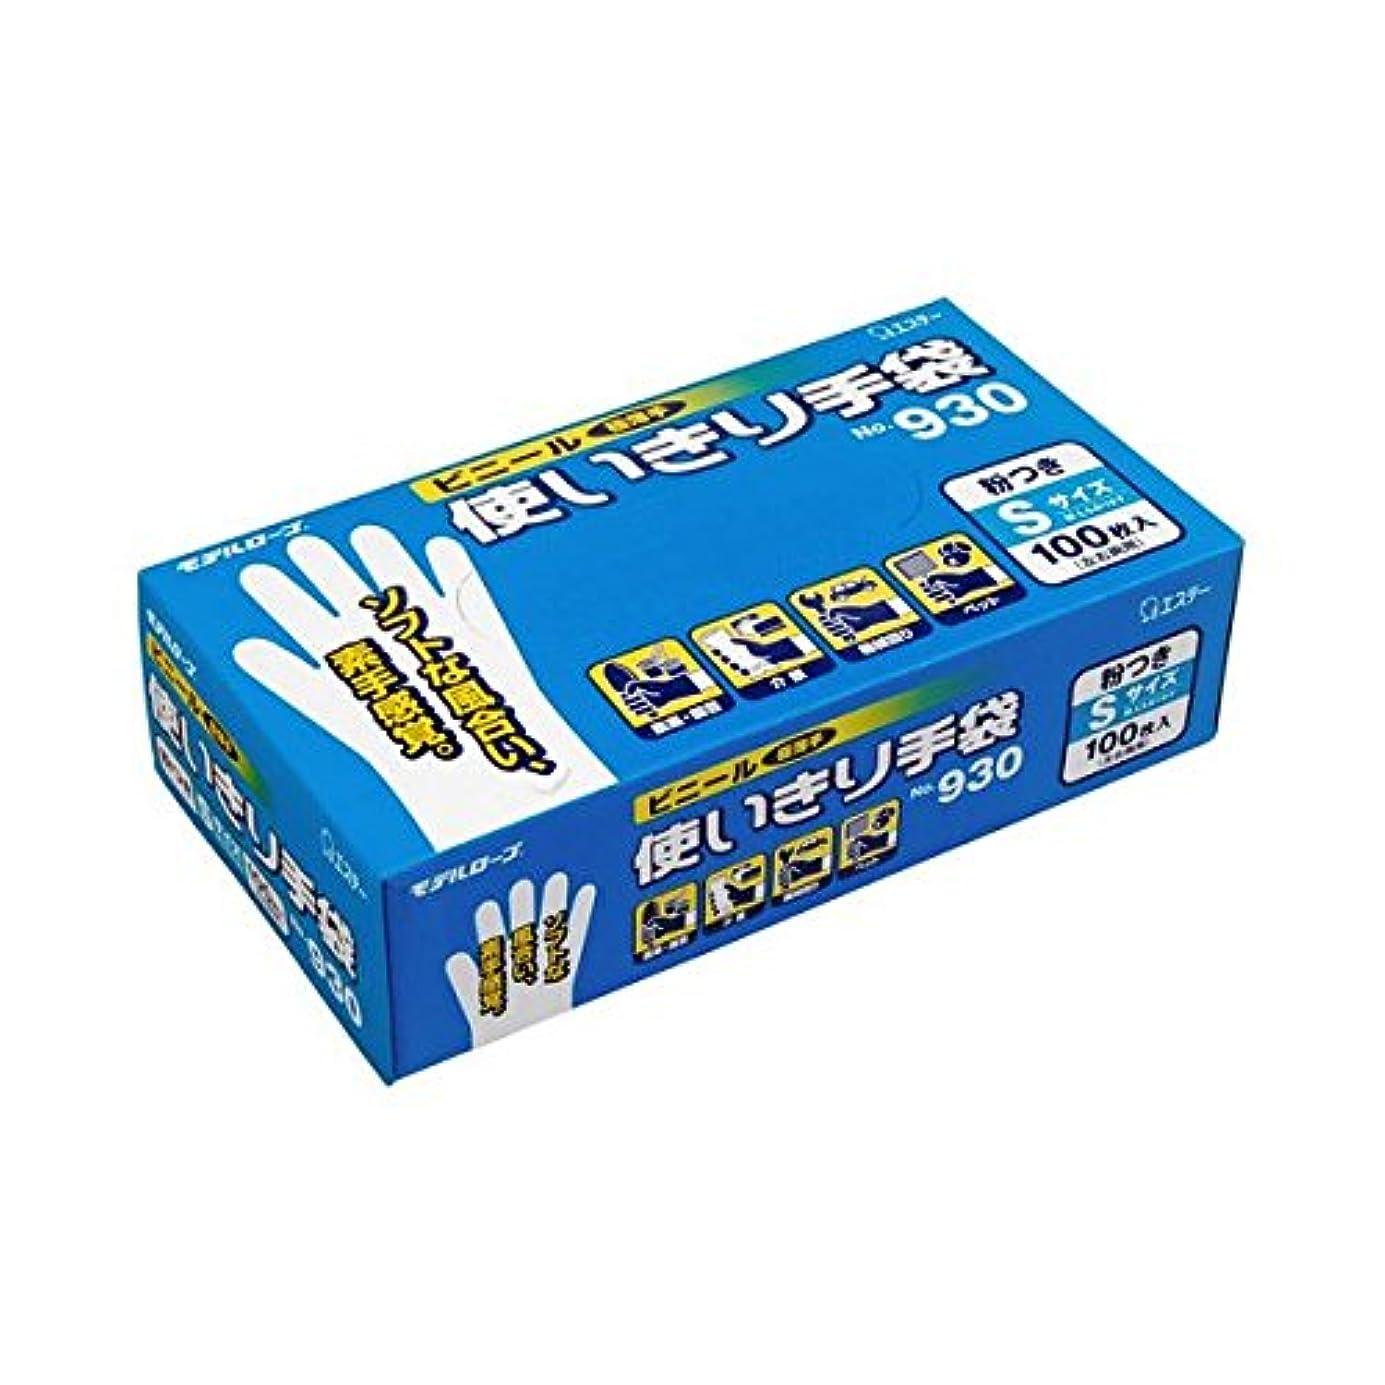 のど体操選手噴水エステー No.930 ビニール使いきり手袋(粉付) S 1箱(100枚) (×5セット)